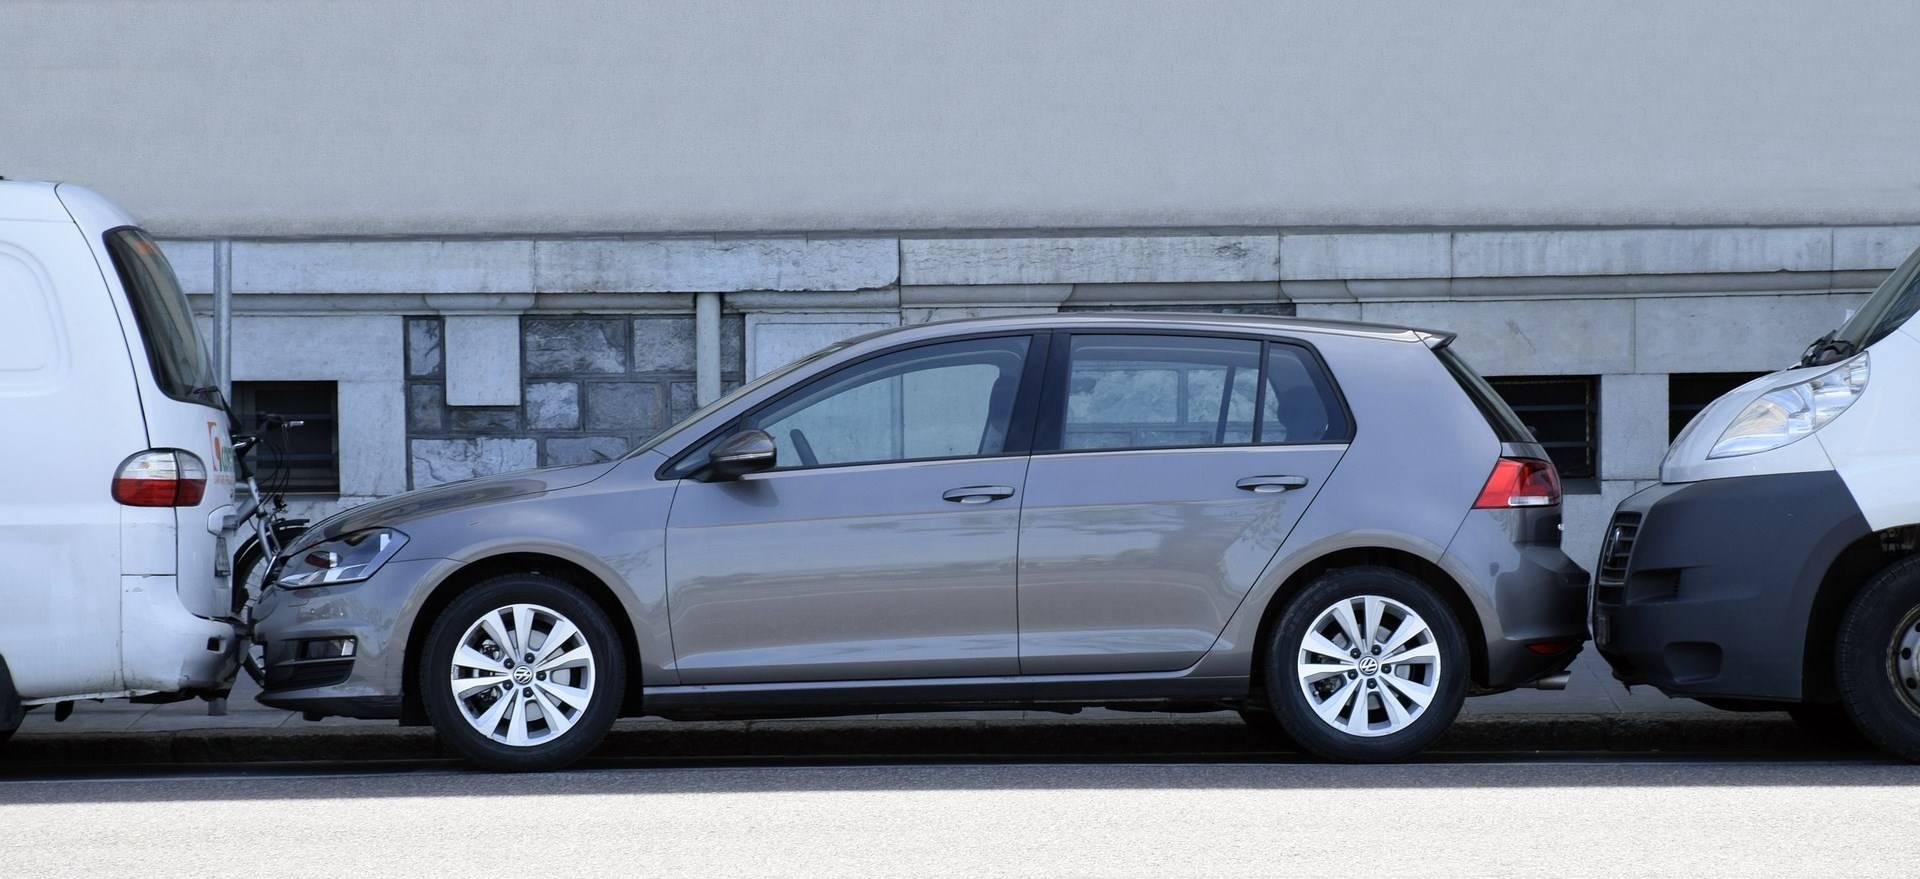 VW Gebrauchtwagen kaufen 24837 Autohaus Schleswig Jordt Volkswagen Neuwagen waschen waschstraße sauber reinigen aufbereitung 1